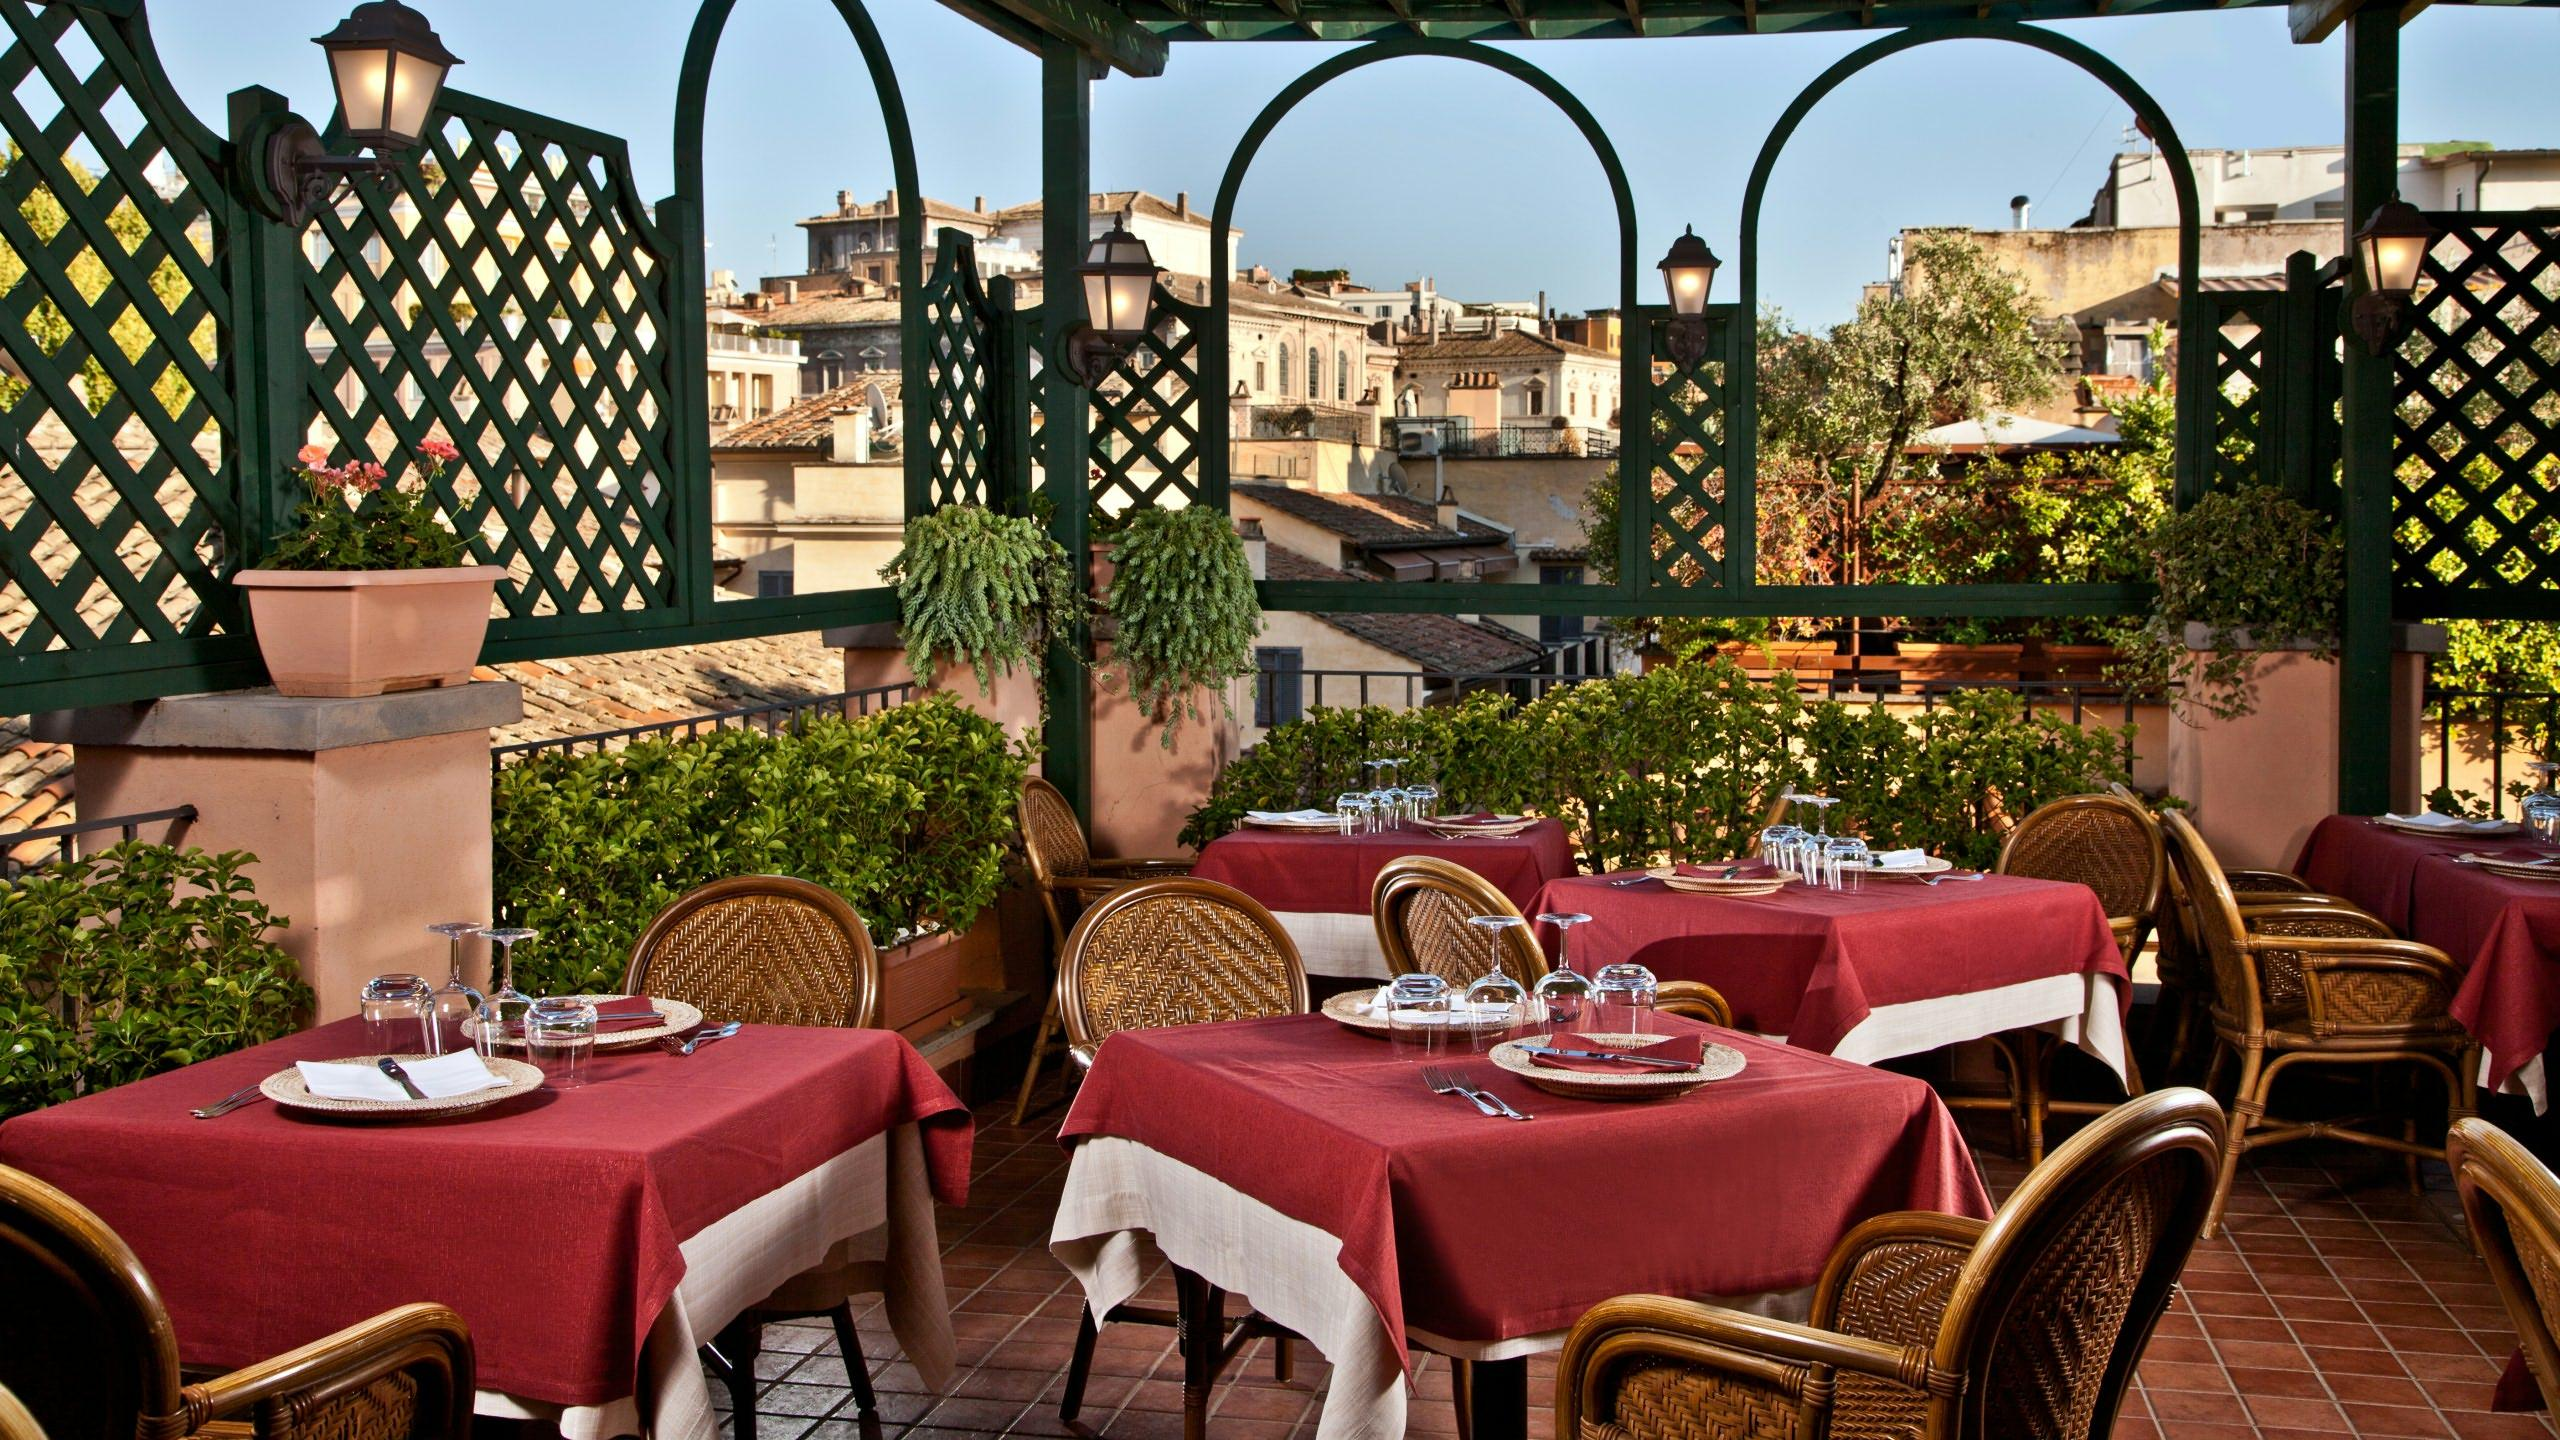 albergo-ottocento-roma-terrazza-01